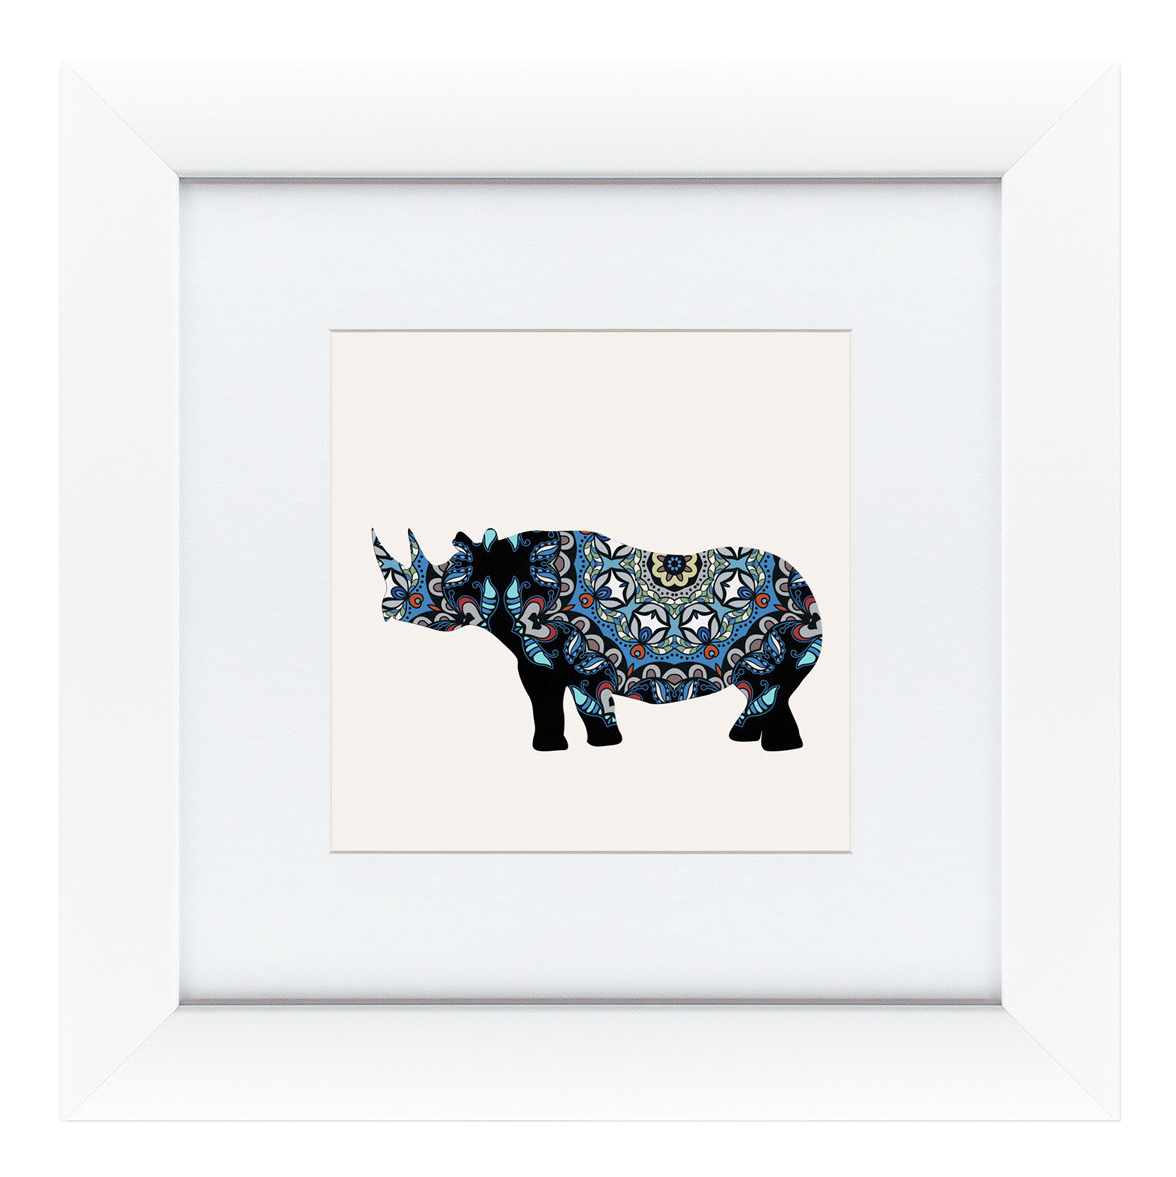 Картина Картины в Квартиру Восточная яркость, носорог 35 х 35 см фото